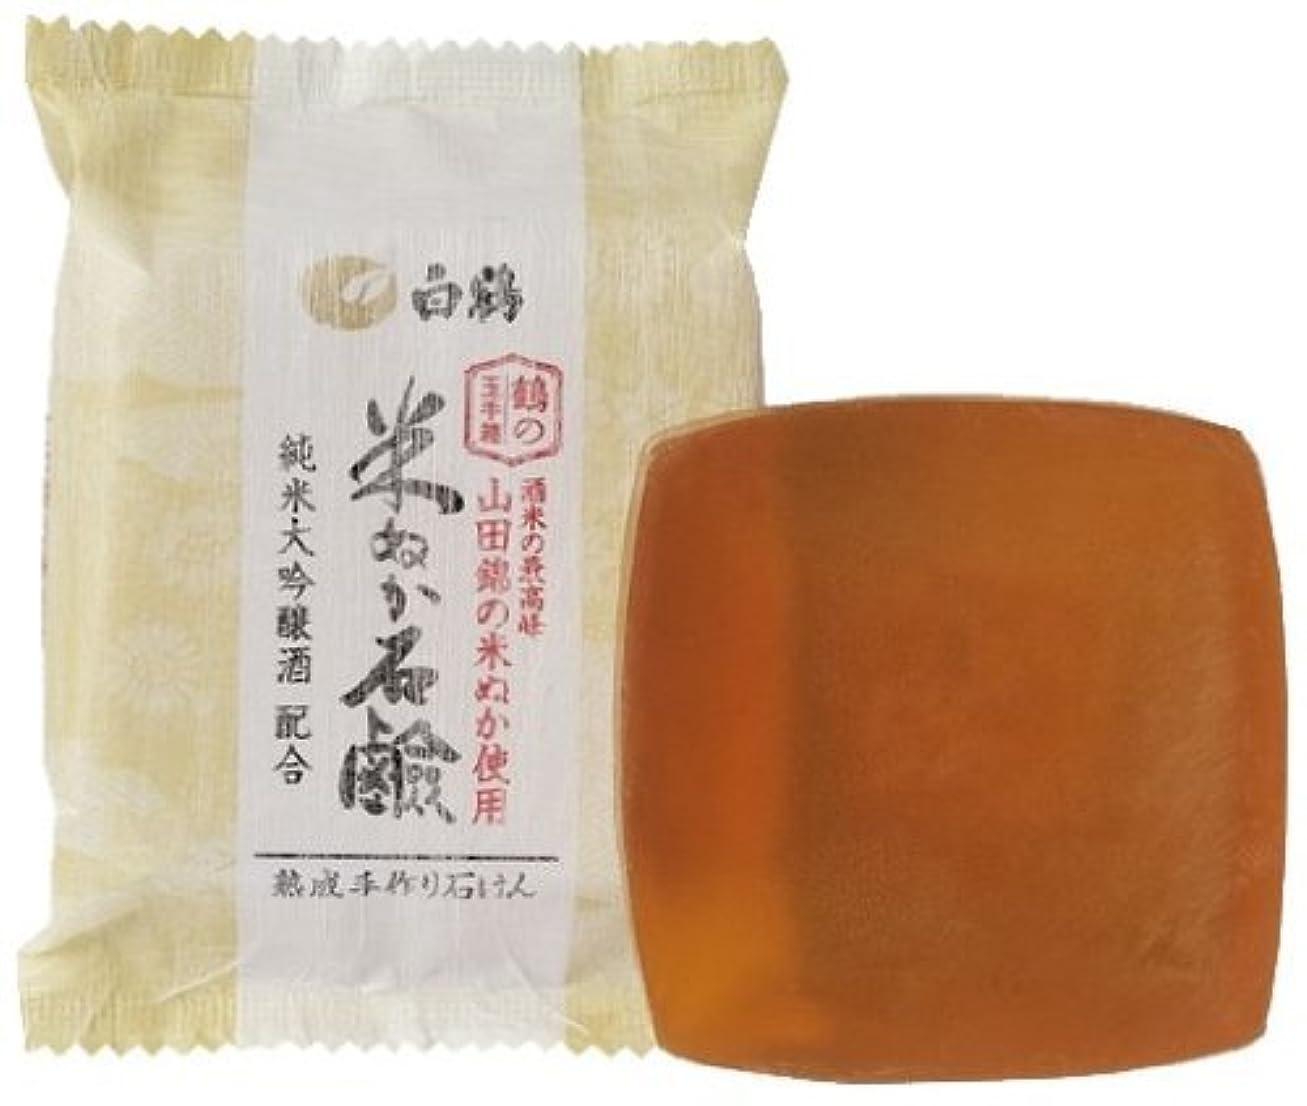 縁石確認する食事白鶴 鶴の玉手箱 米ぬか石けん 100g × 5個 (純米大吟醸 山田錦の米ぬか配合)